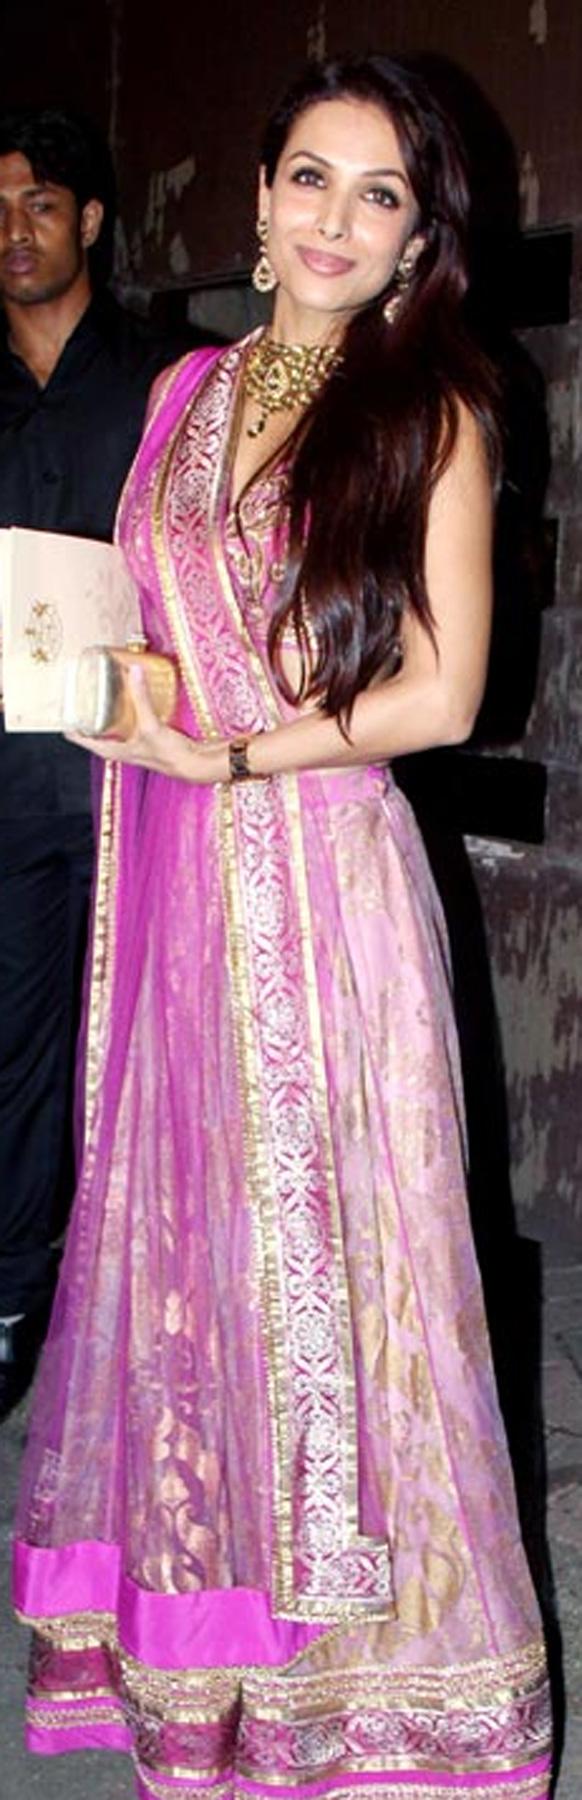 सैफ-करीना के संगीत समारोह में पहुंची करीना की दोस्त मलाइका अरोड़ा खान।